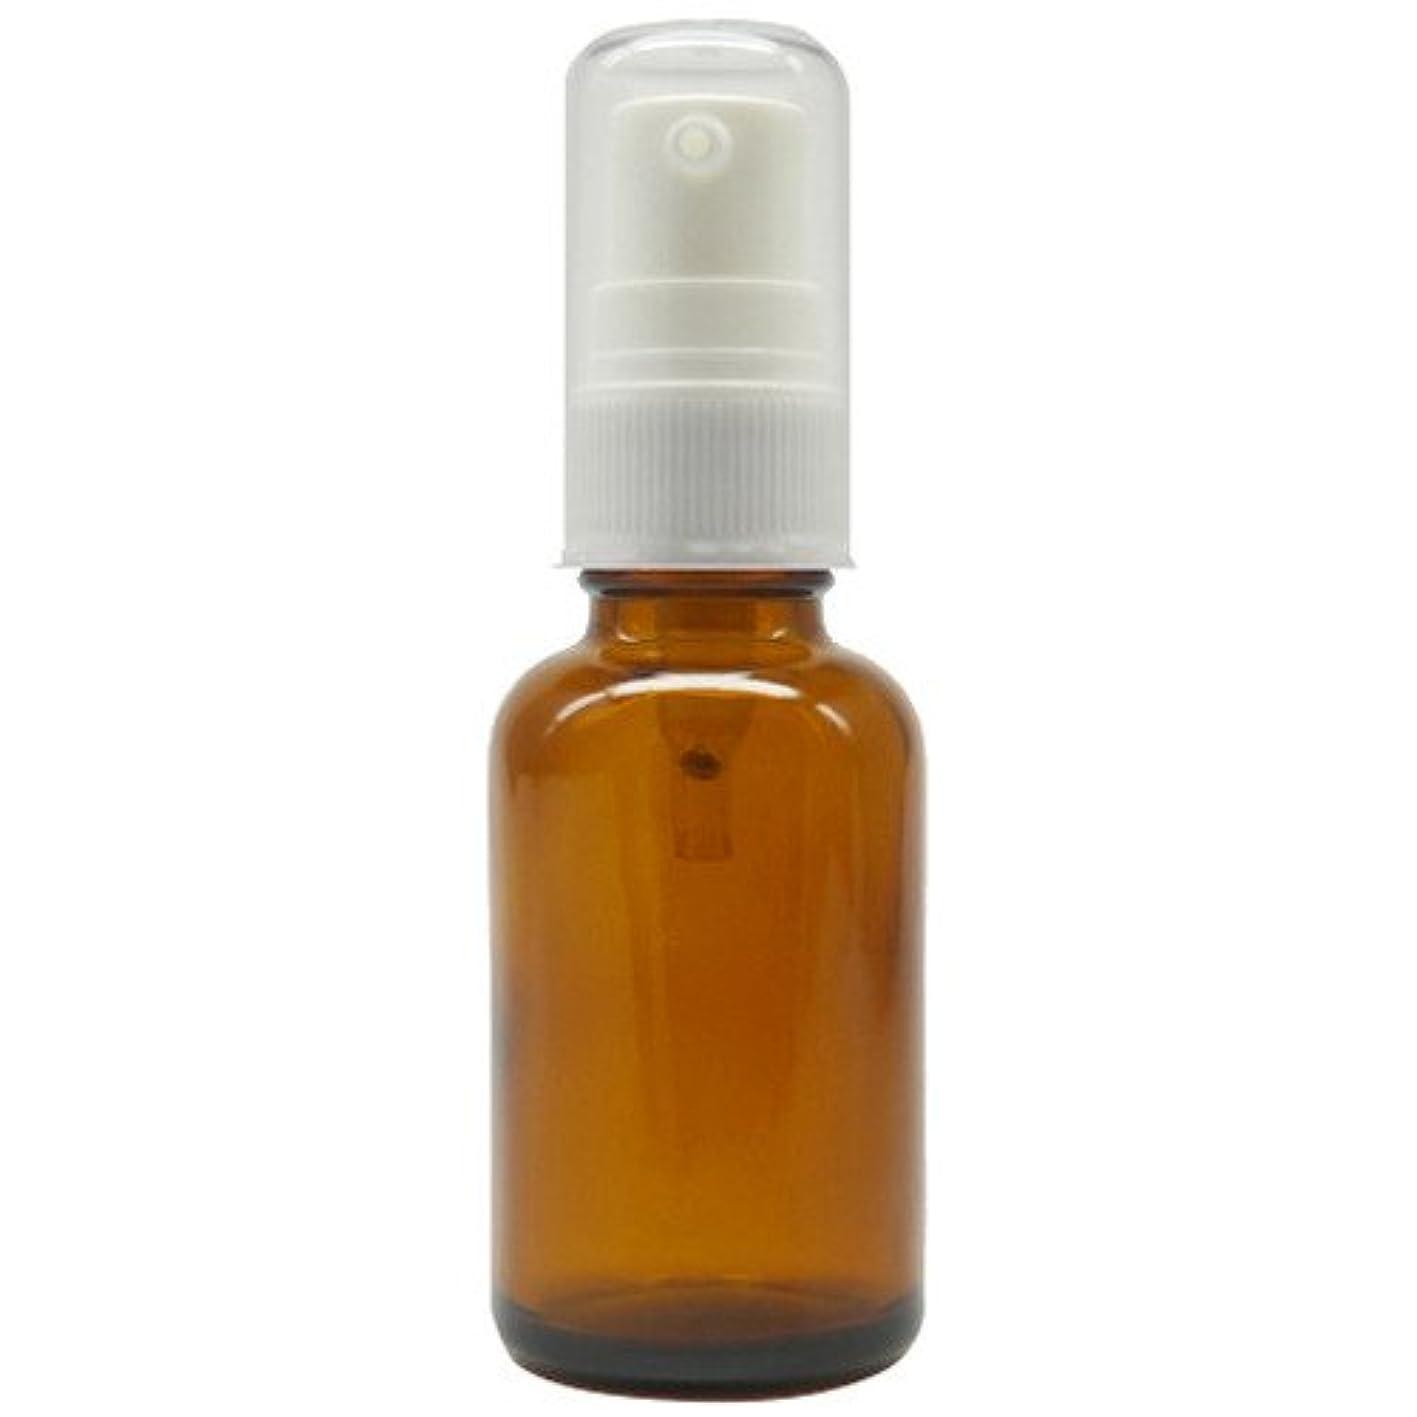 社交的絶対のライターアロマアンドライフ (D)茶褐色ポンプ瓶30ml 3本セット